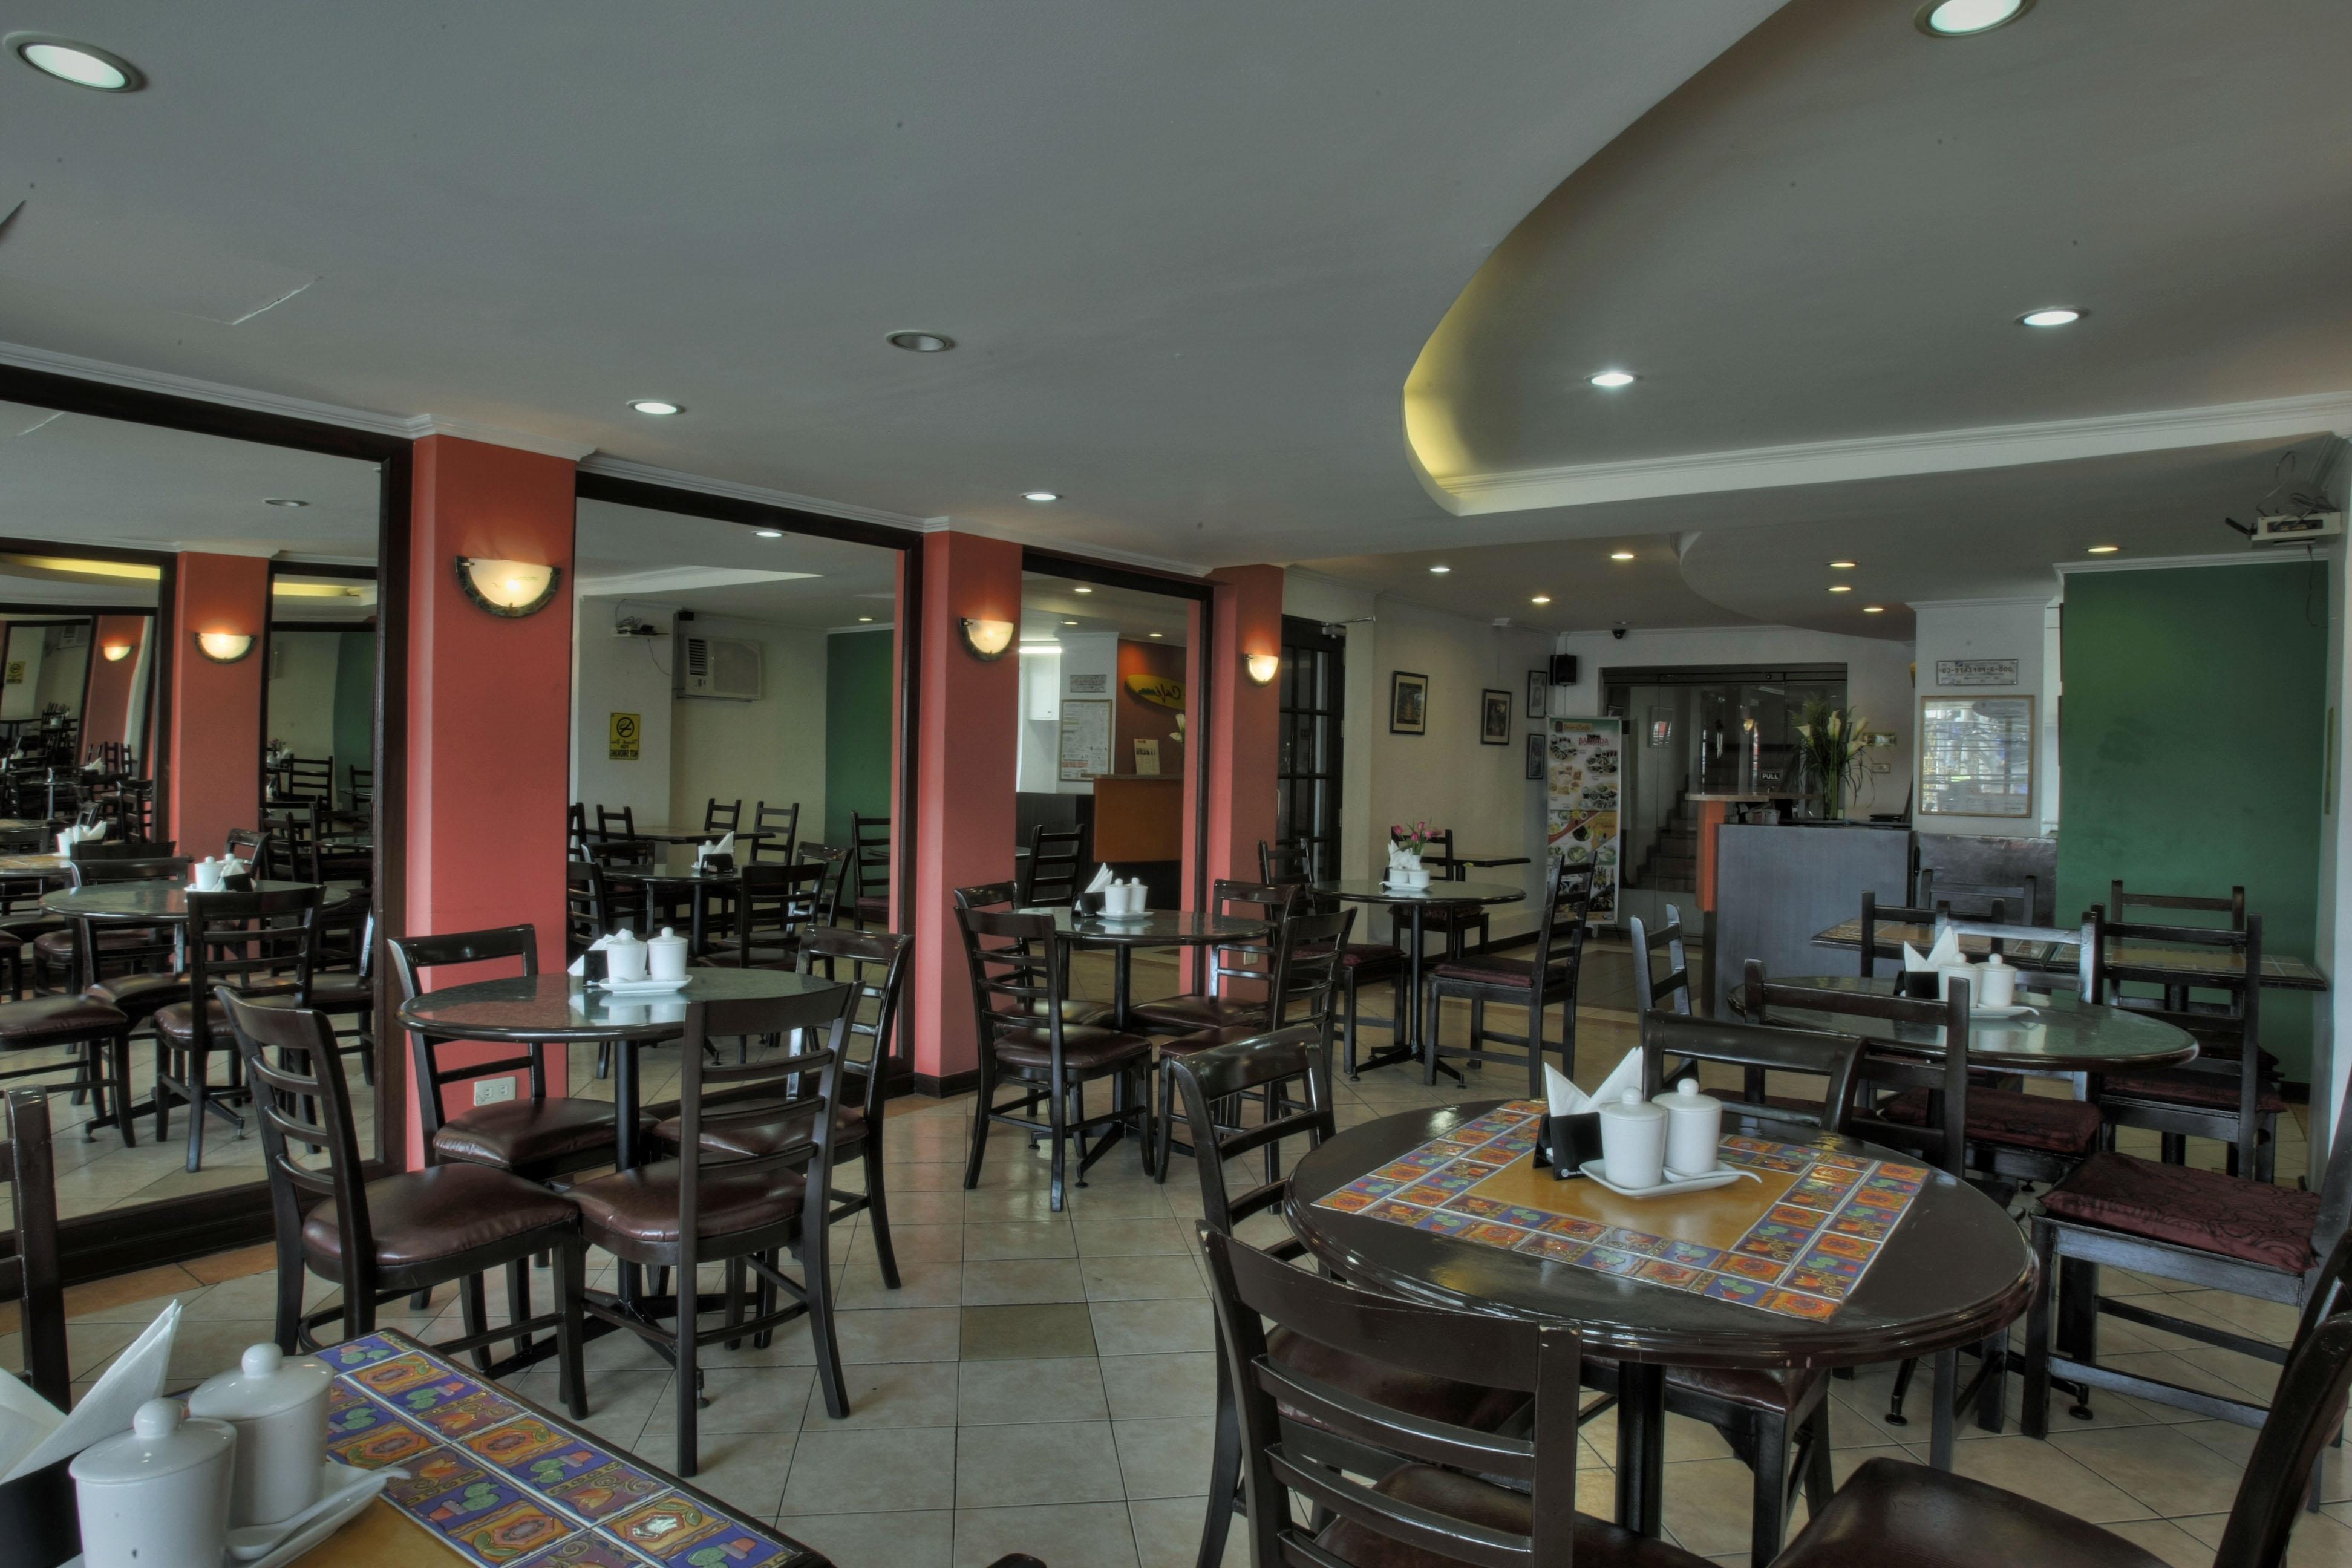 フェーザル ホテル - P. トゥアゾン クバオ